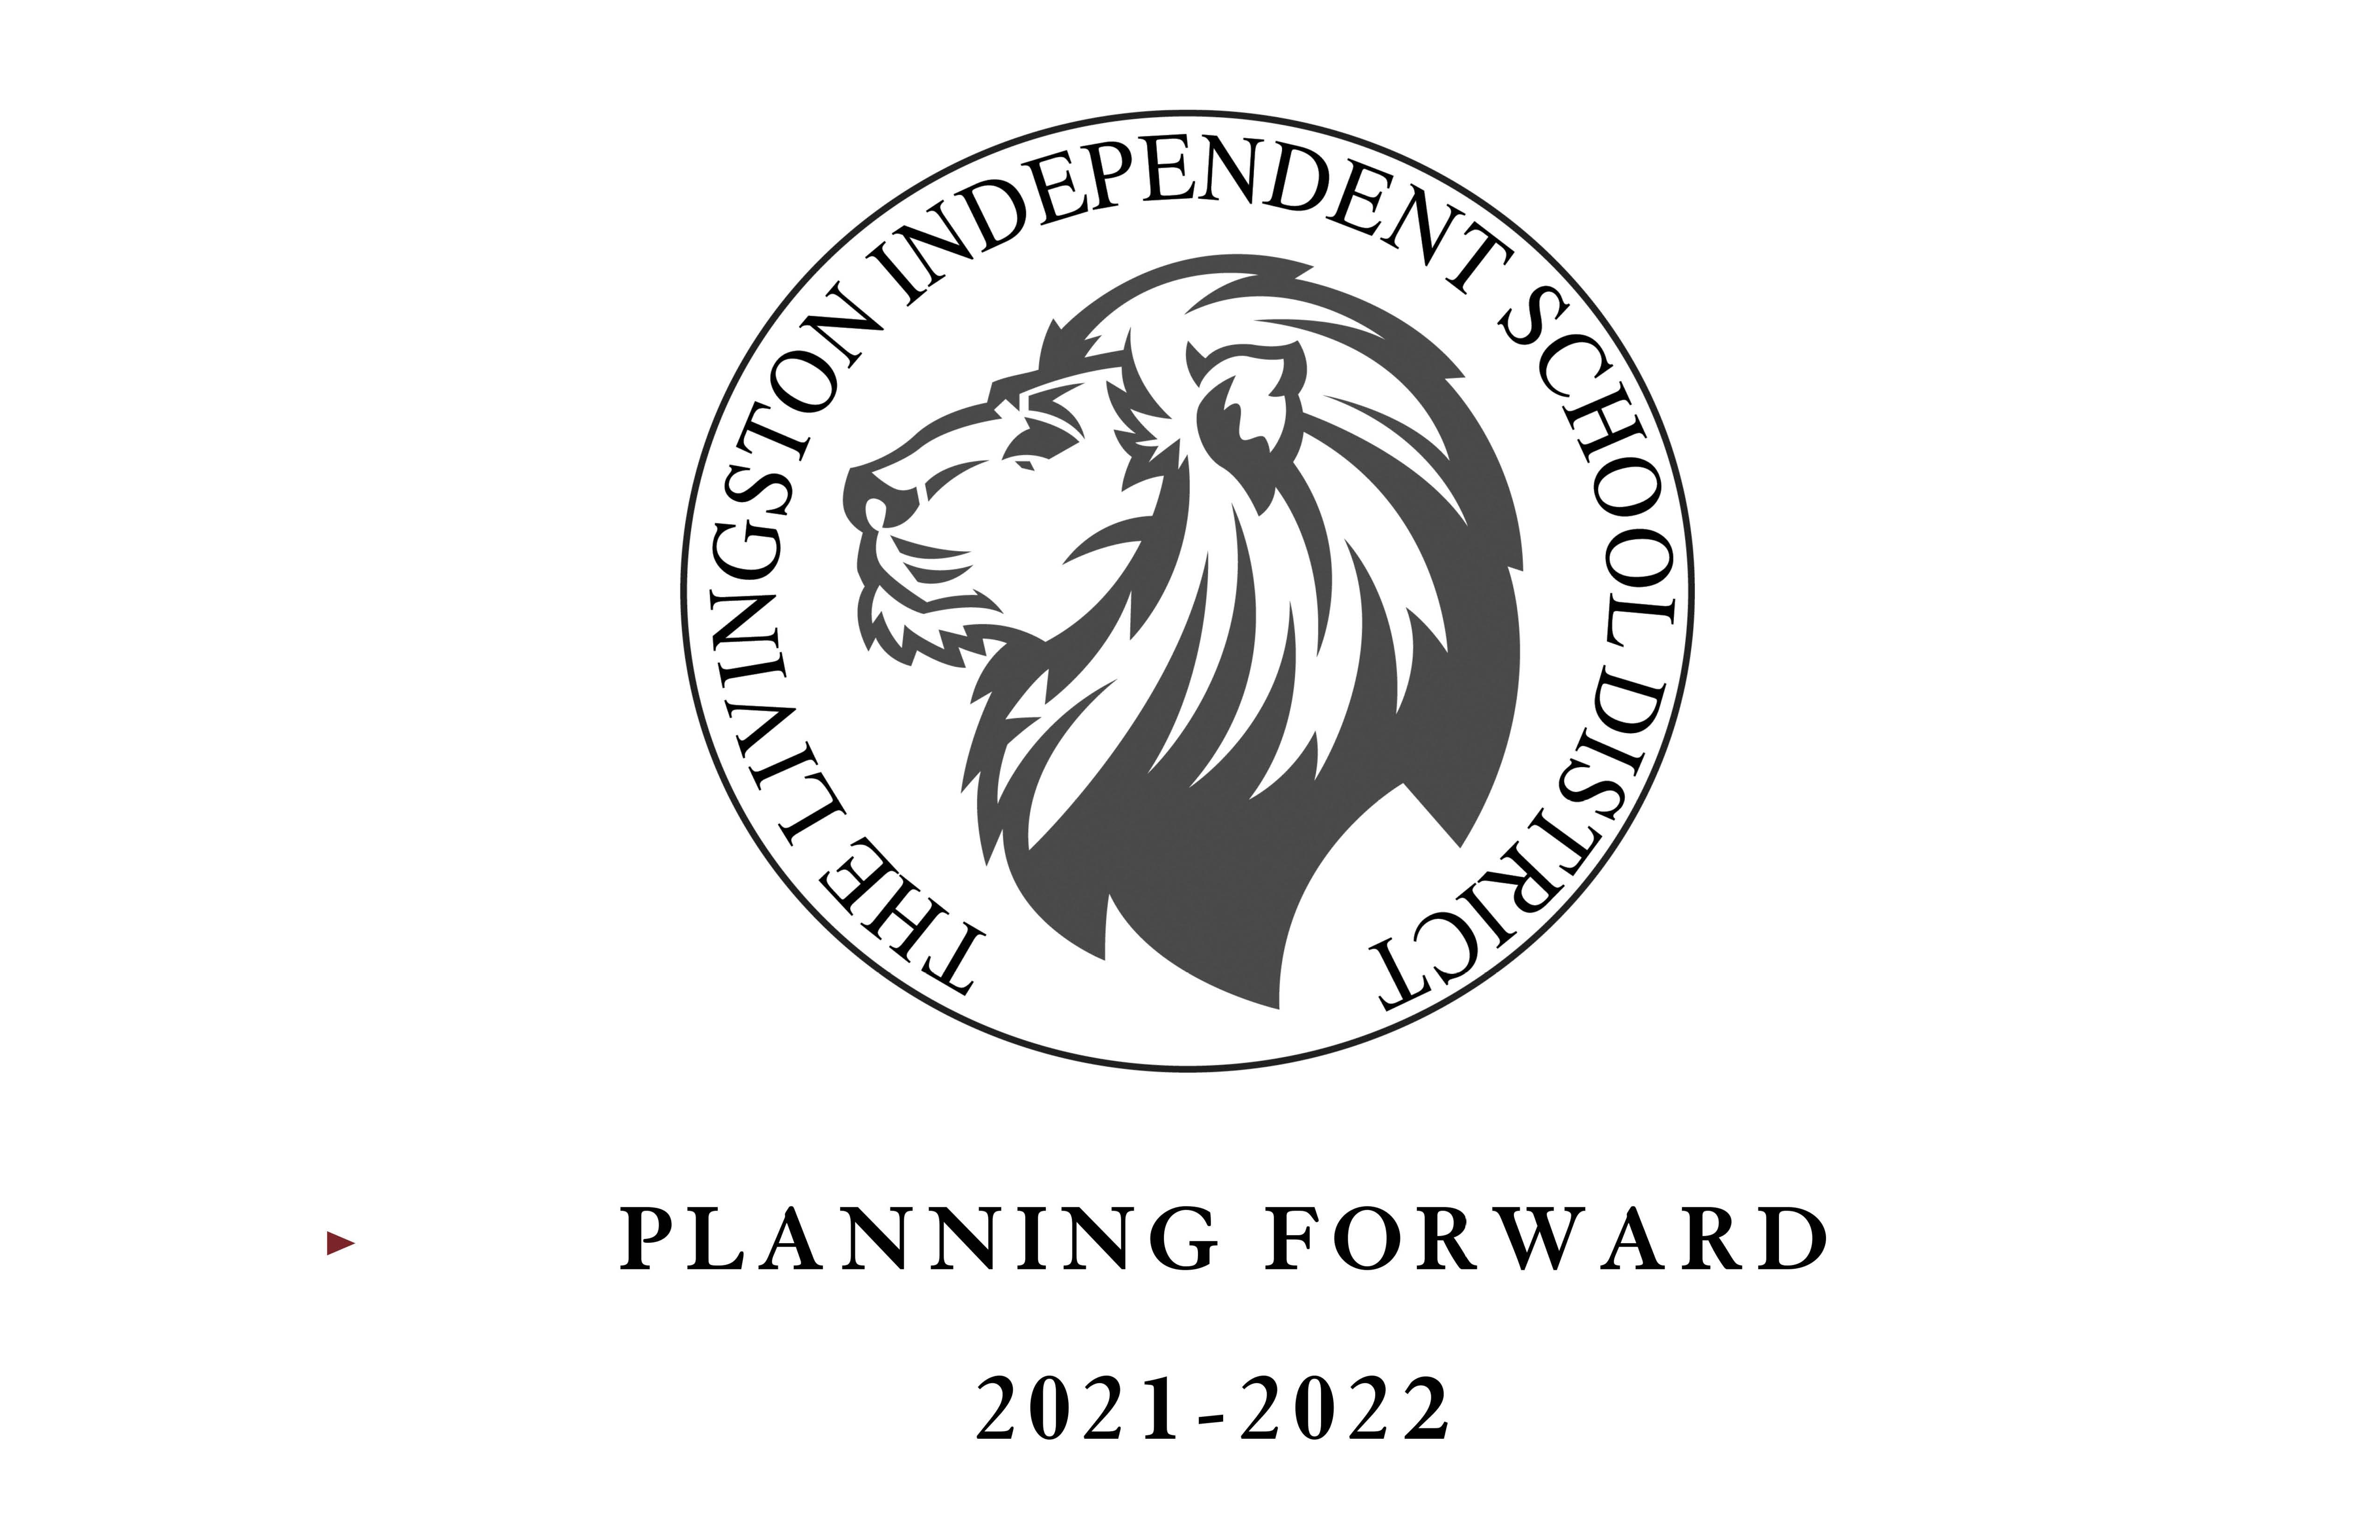 Planning Forward